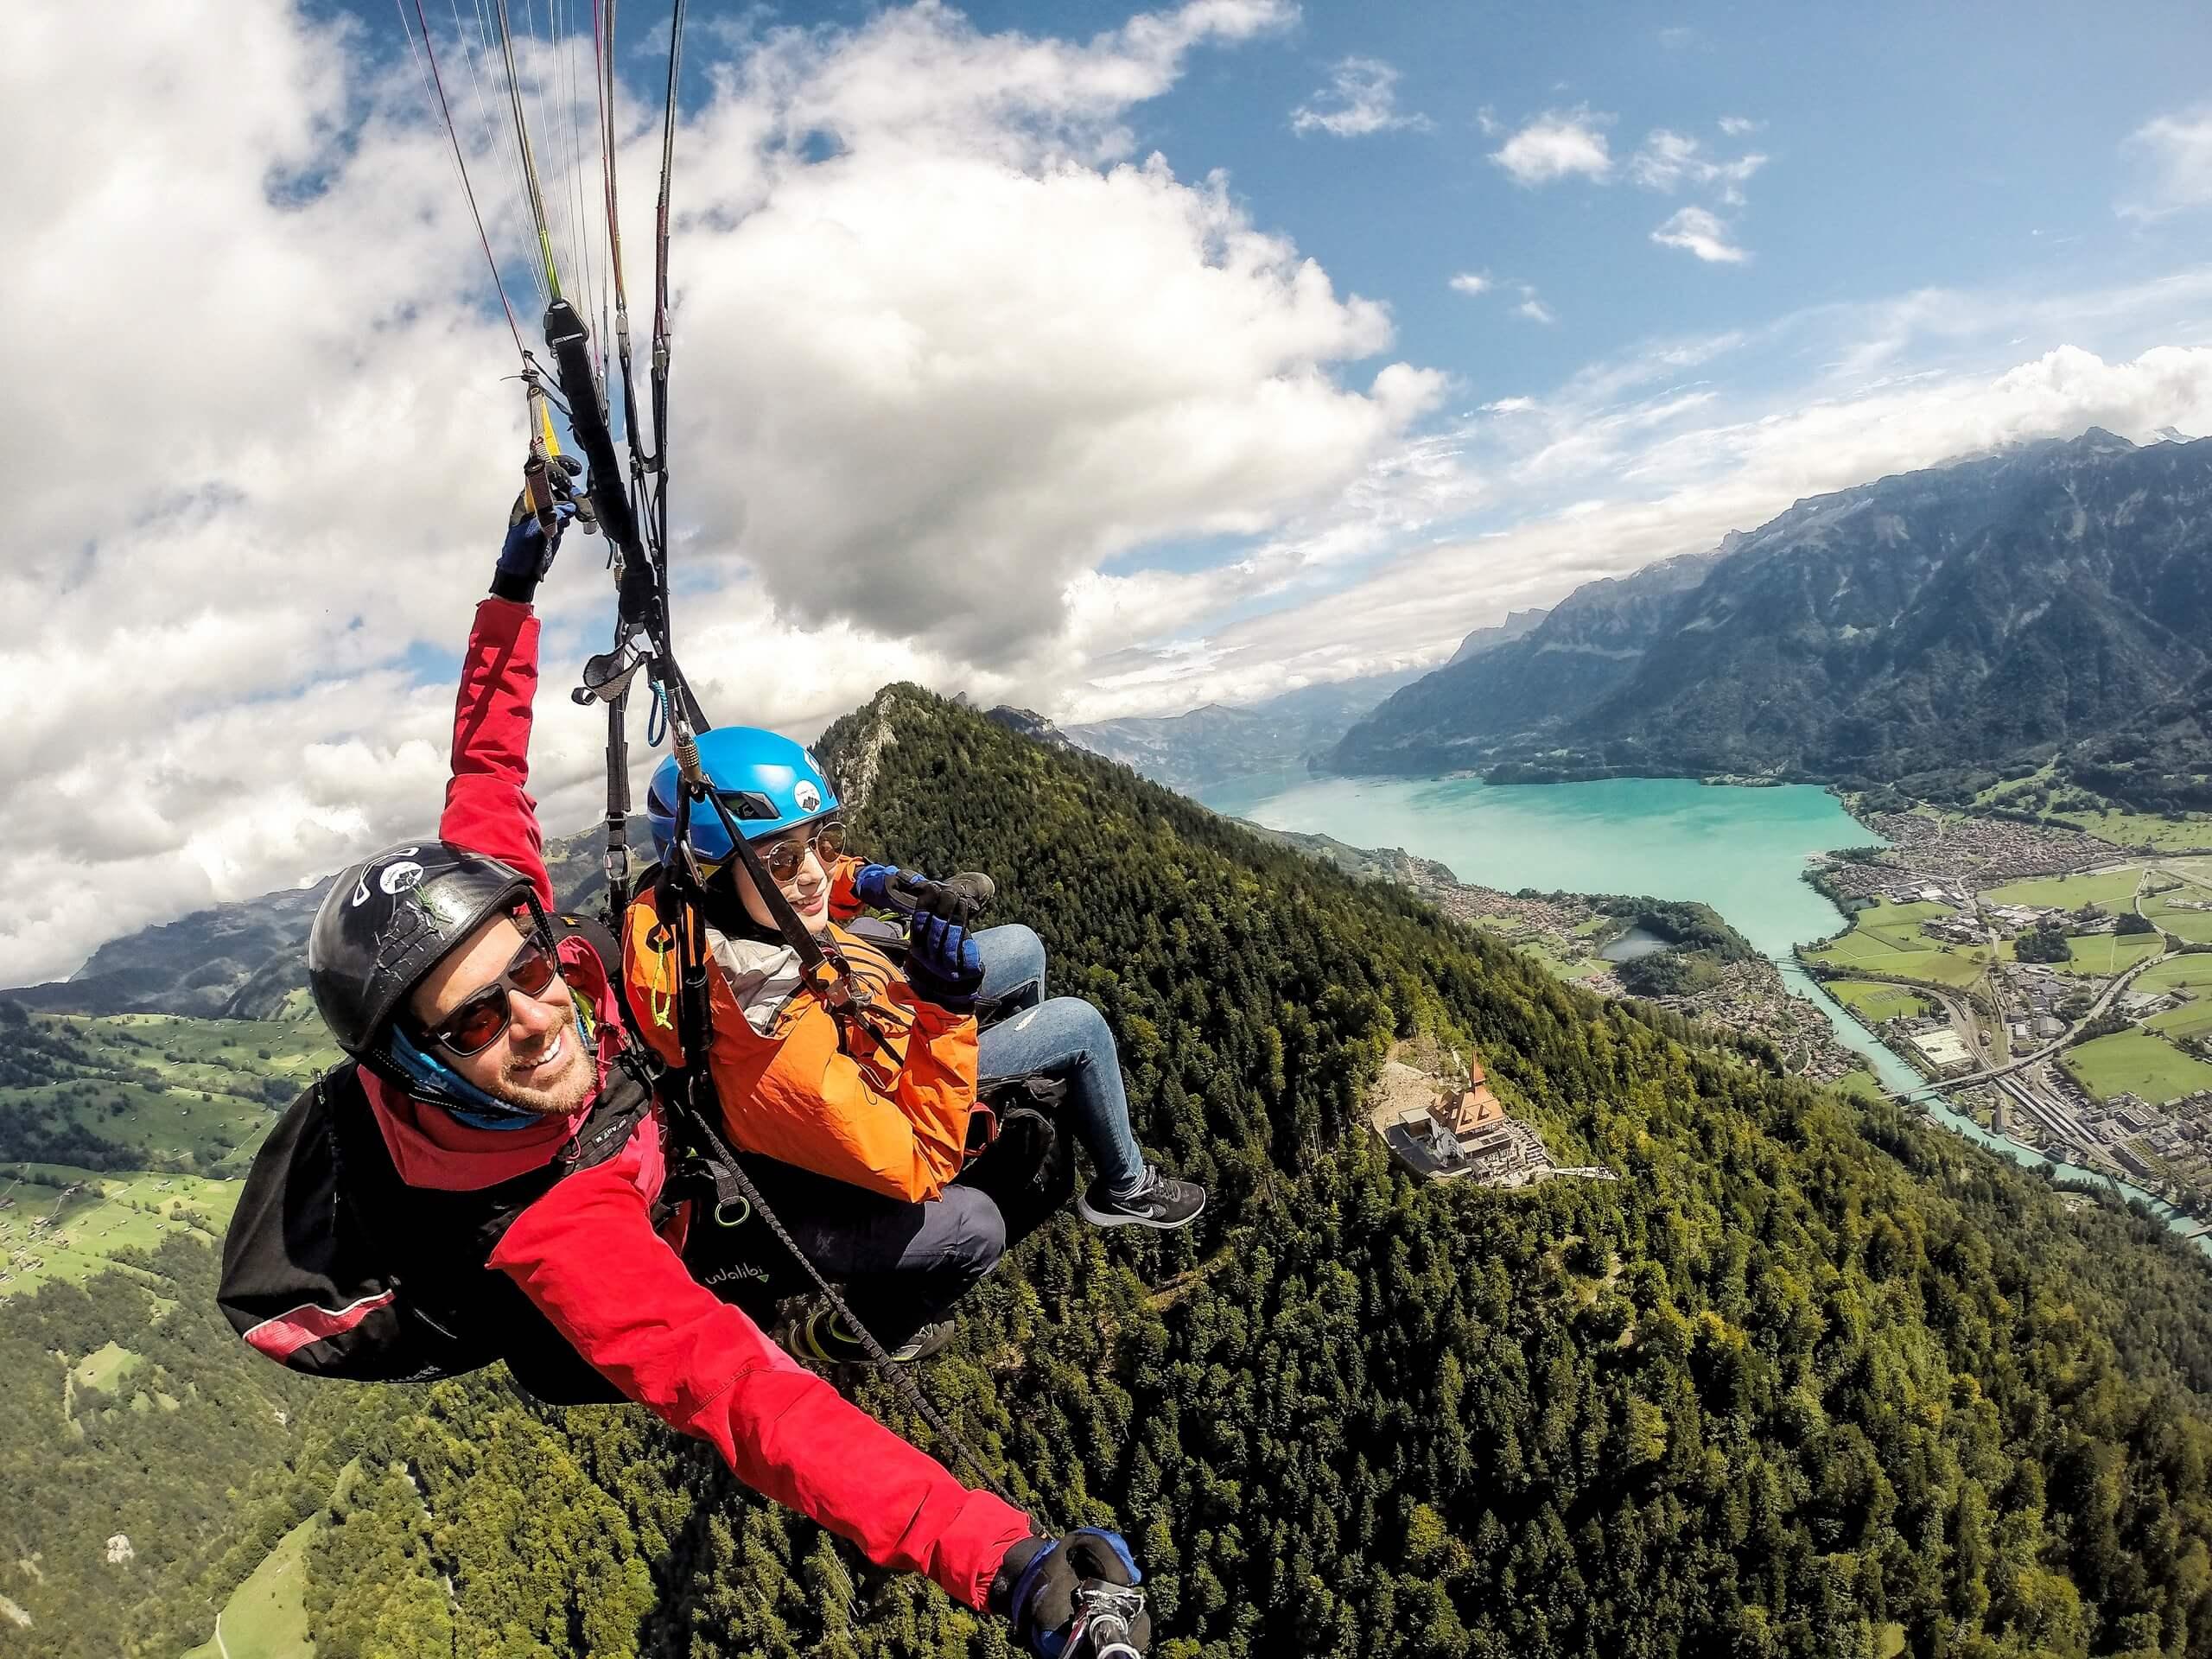 skywings-paragliding-interlaken-harder-kulm-high-lake